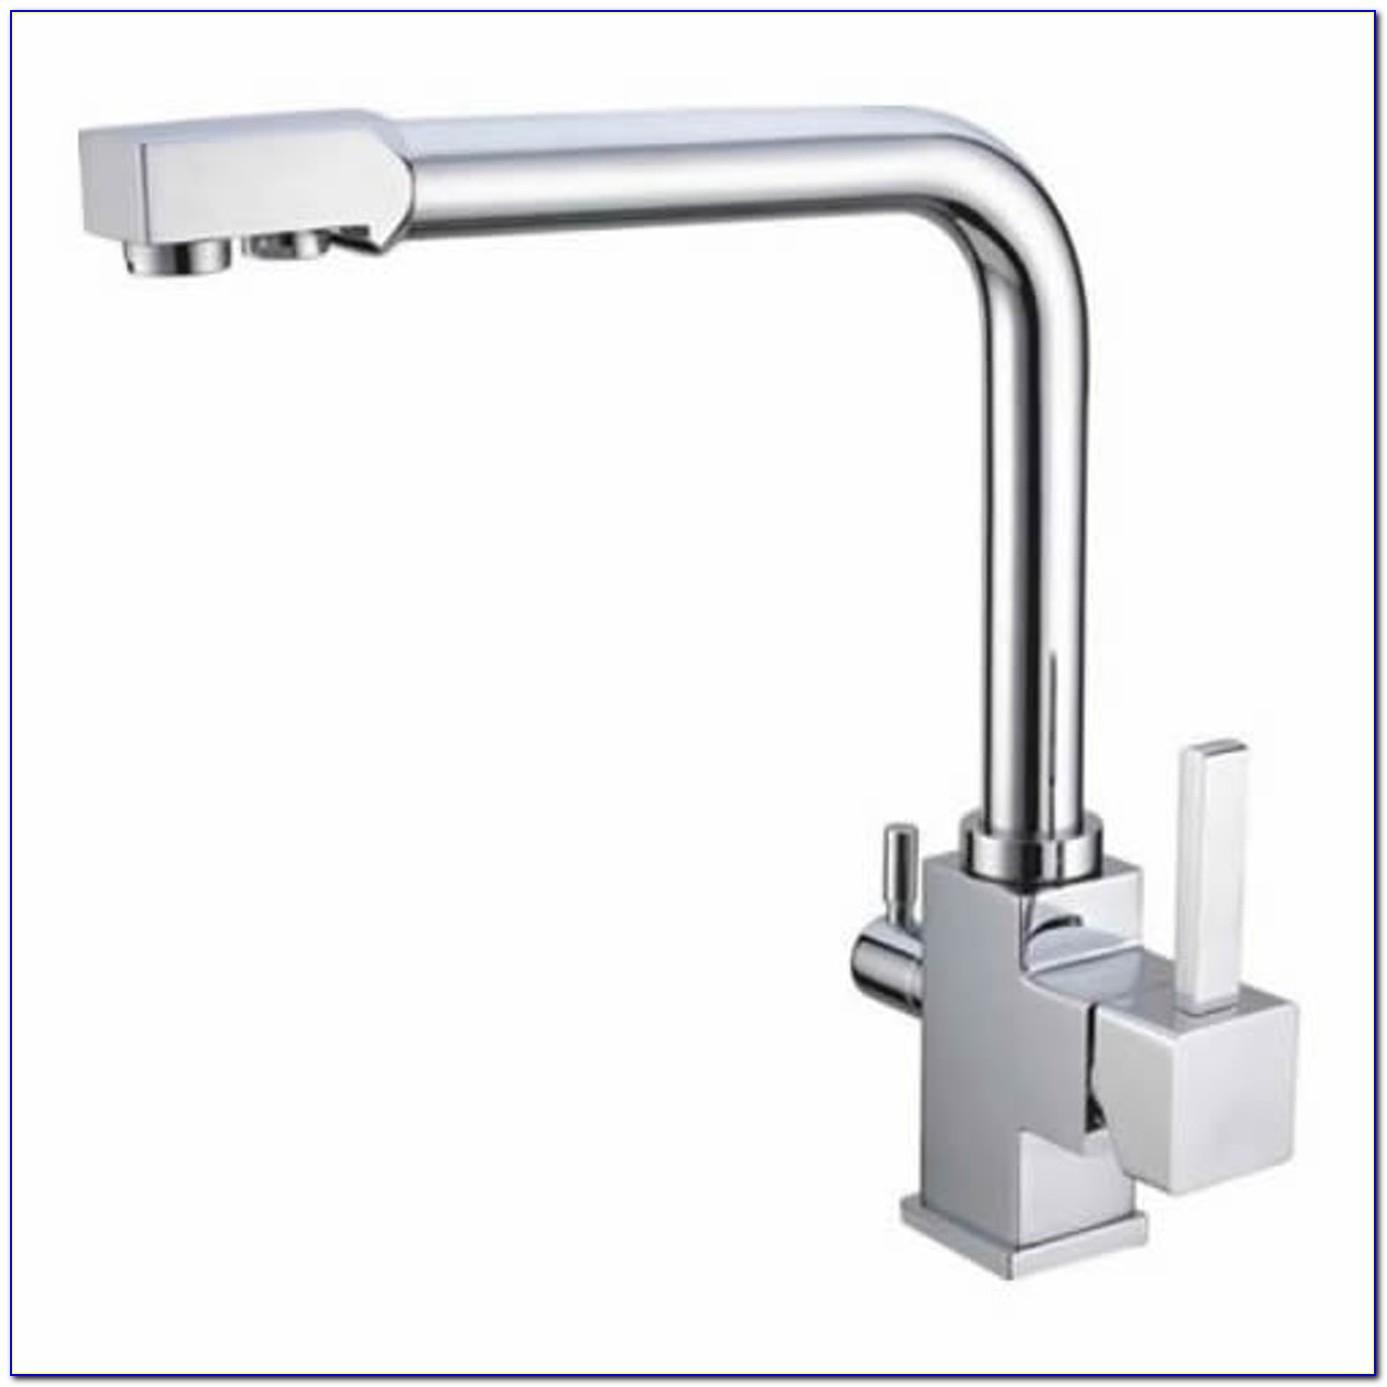 Sink Tap Water Filter